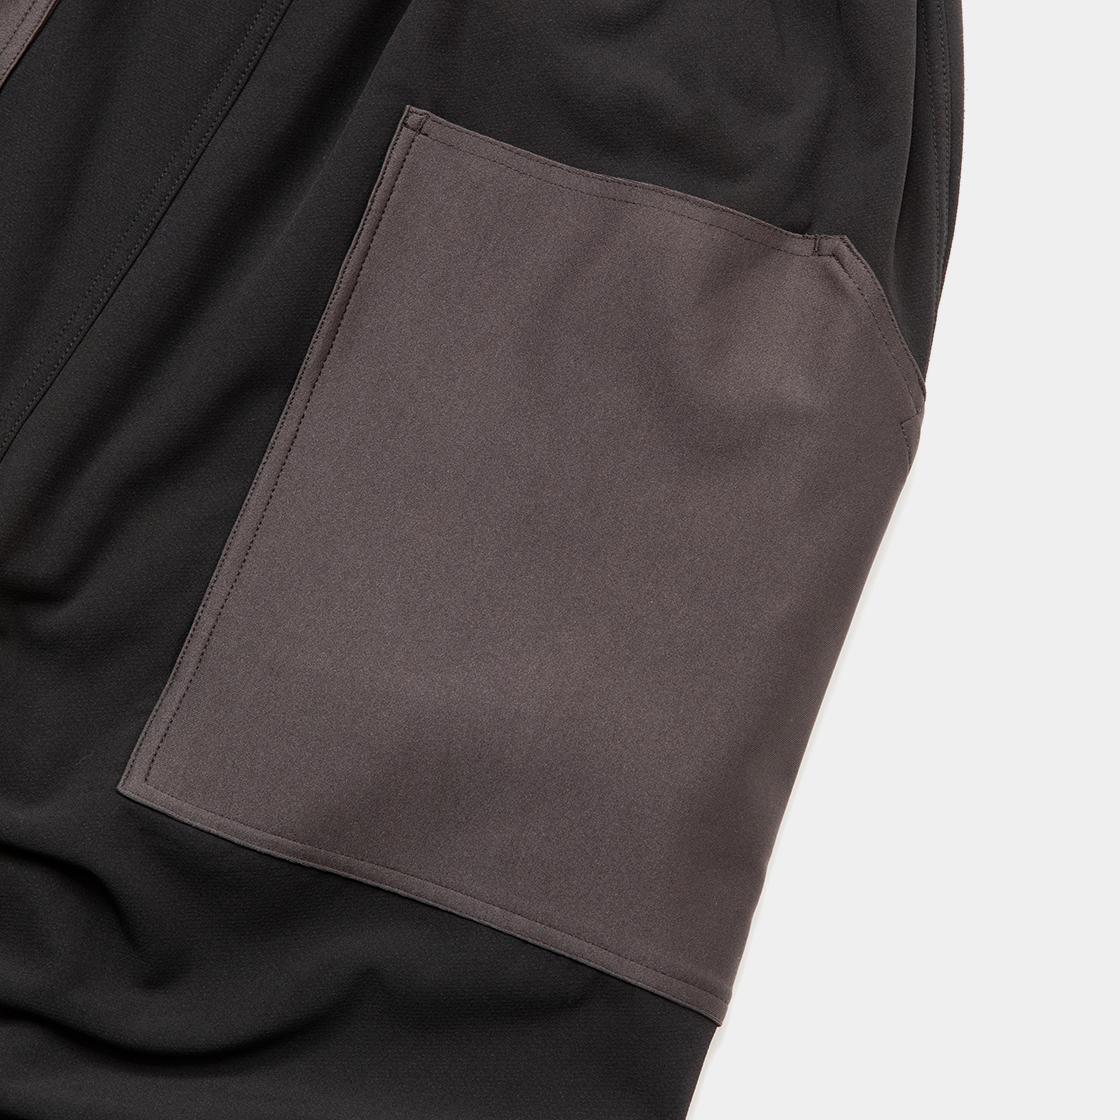 Brushed Lining Jog PT / Off Black